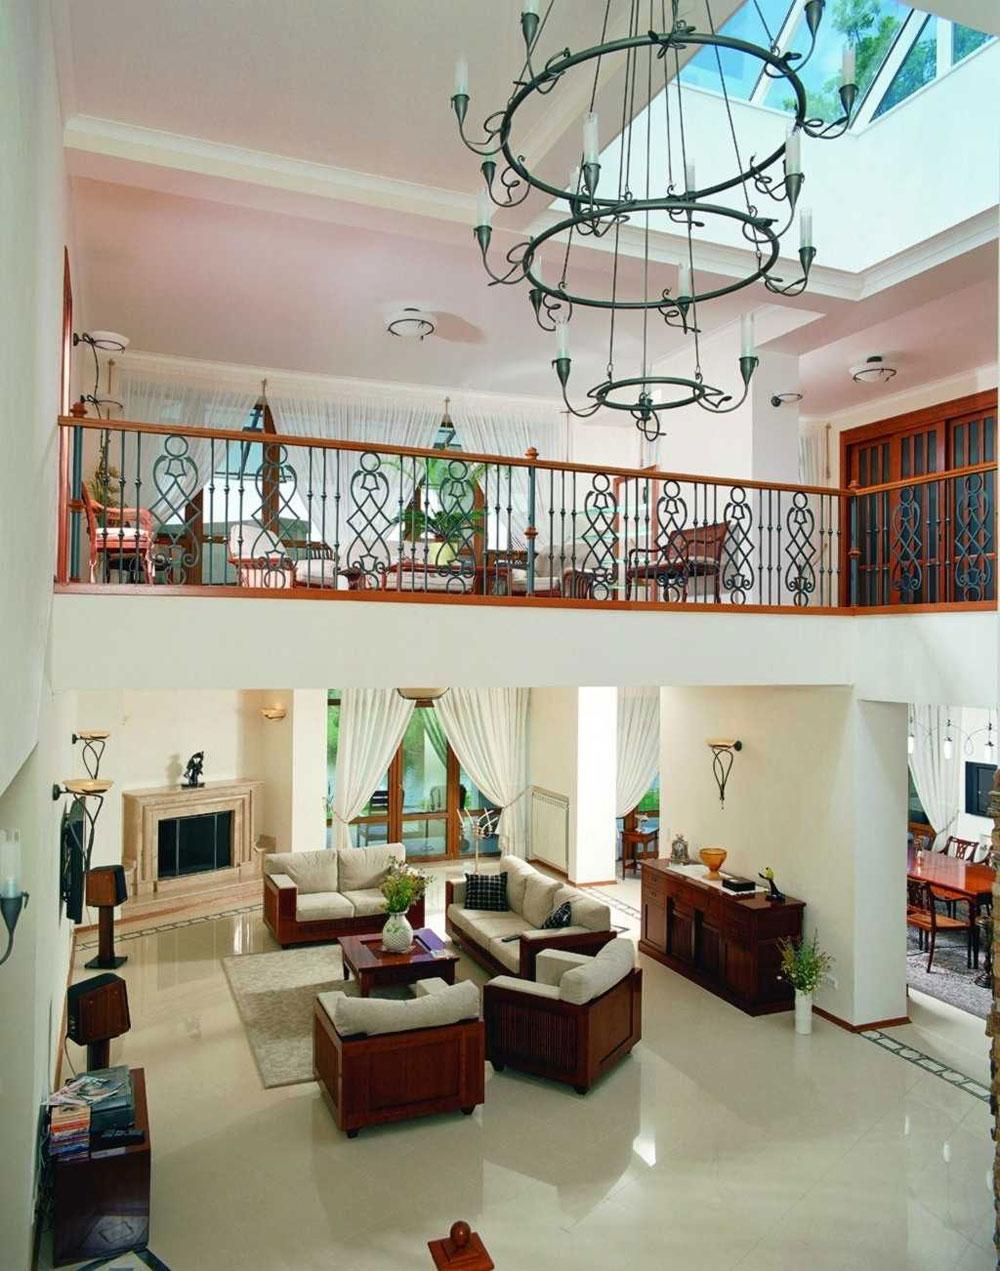 Takfönster-hem-design-idéer-för-ett-bättre-liv-6 takfönster-hem-design-idéer för ett bättre liv